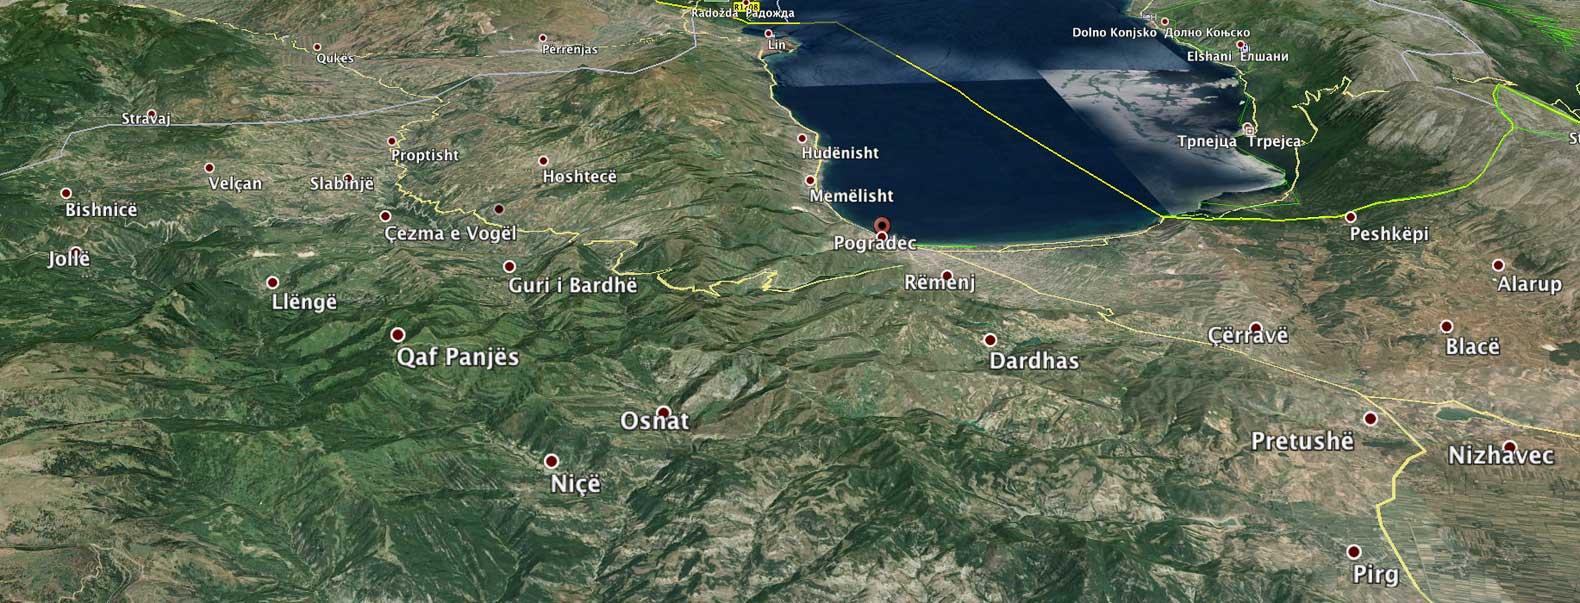 Die Kommunen westlich und südlich des Ohridsees werden zu einer großen Kommune Pogradec zusammengelegt – mit langen Wegen für die Bewohner der abgelegenen Dörfer wie Bishnica  (Foto: Google Earth)